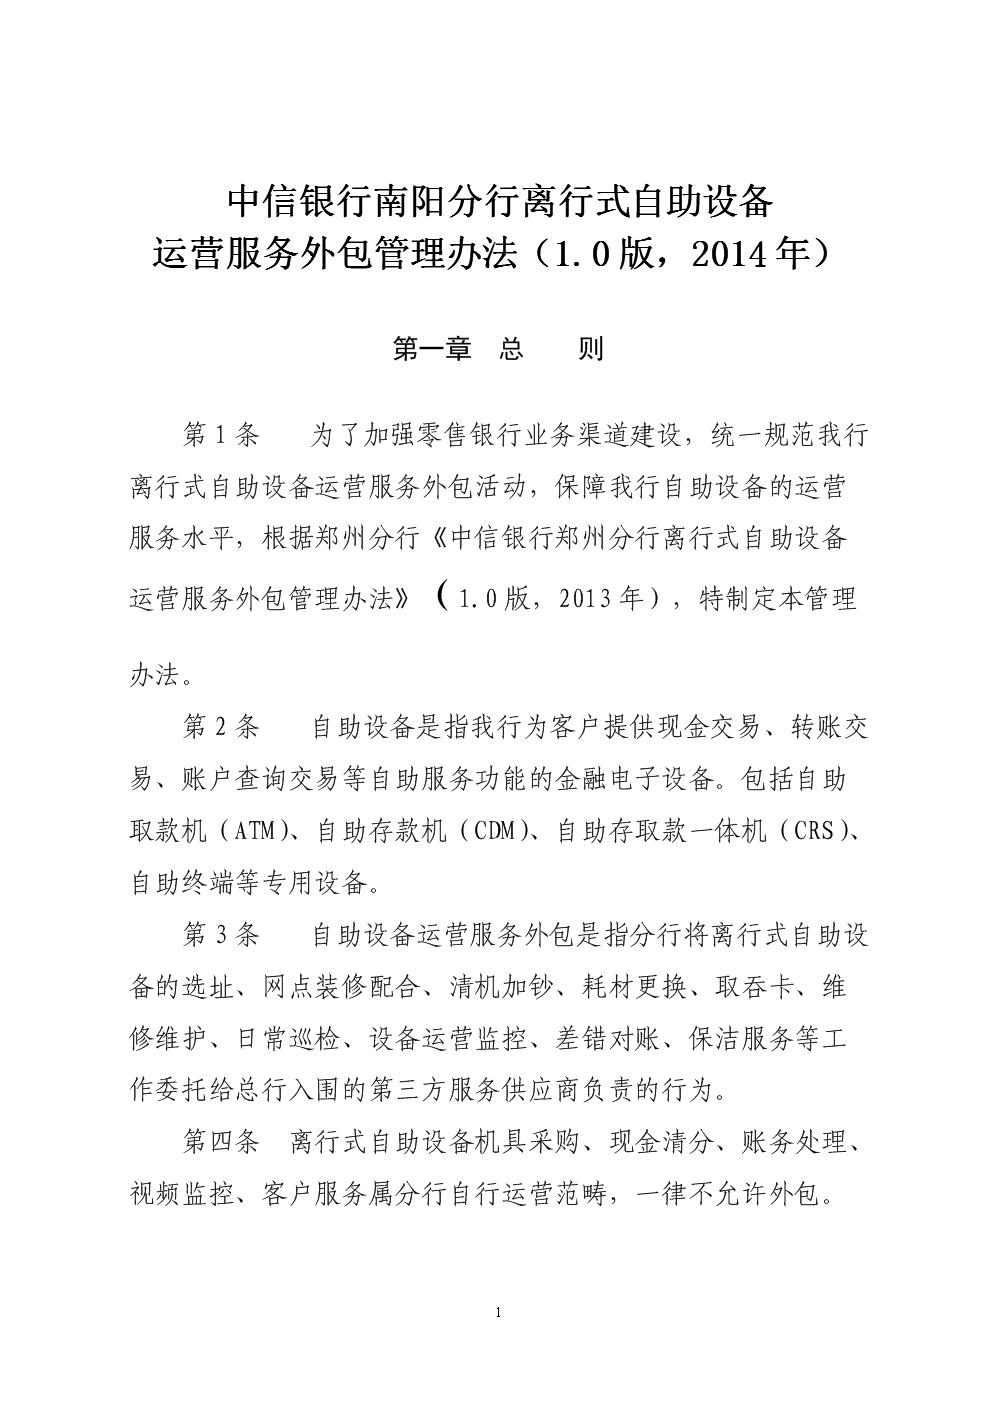 中信银行郑州分行离行式自助设备运营服务外包